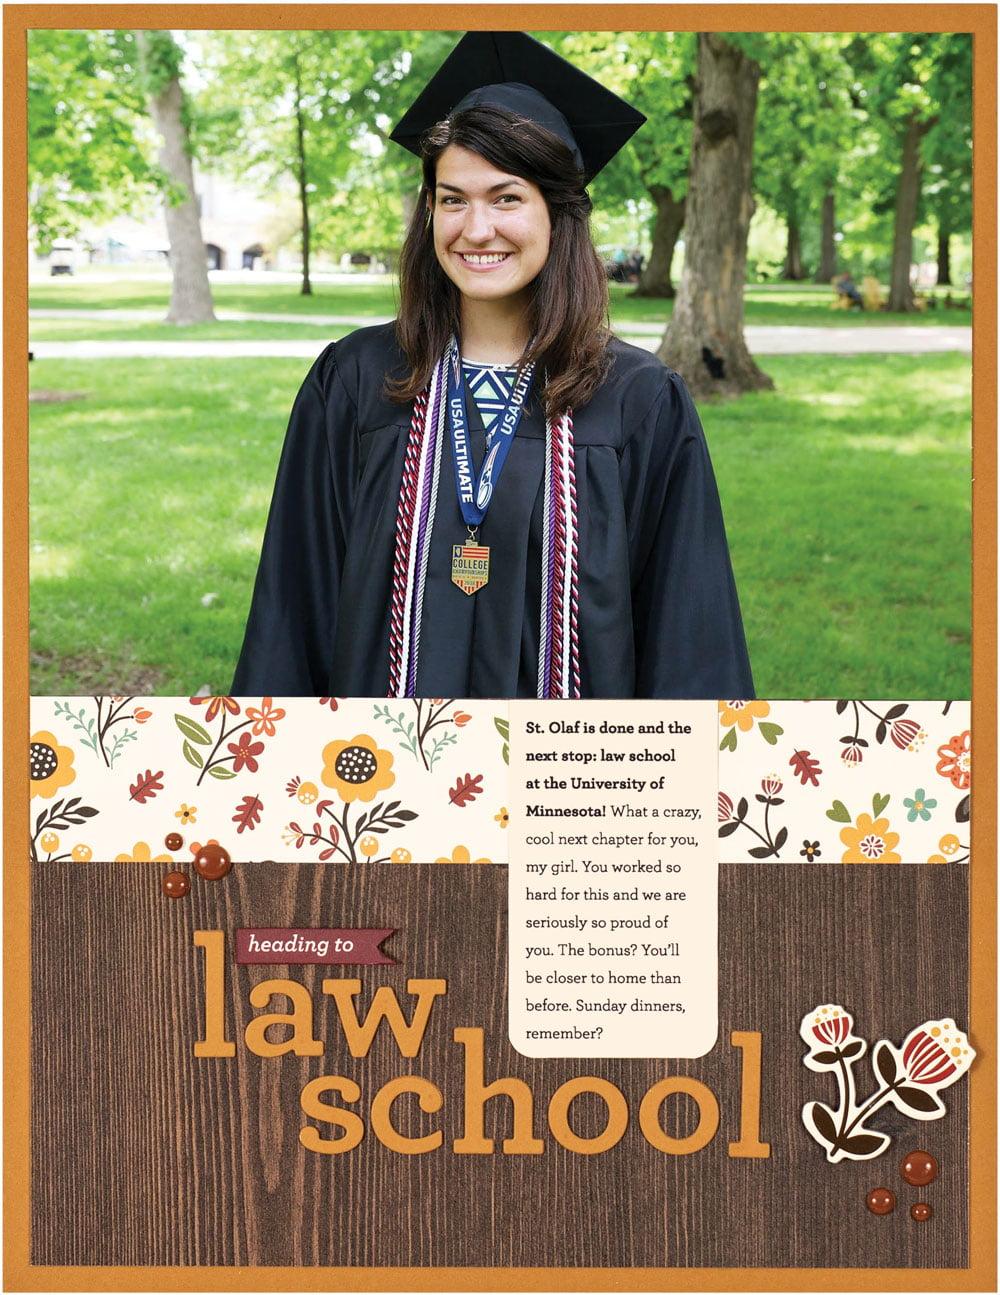 SCT Fall 2018 - Law School by Cathy Zielske